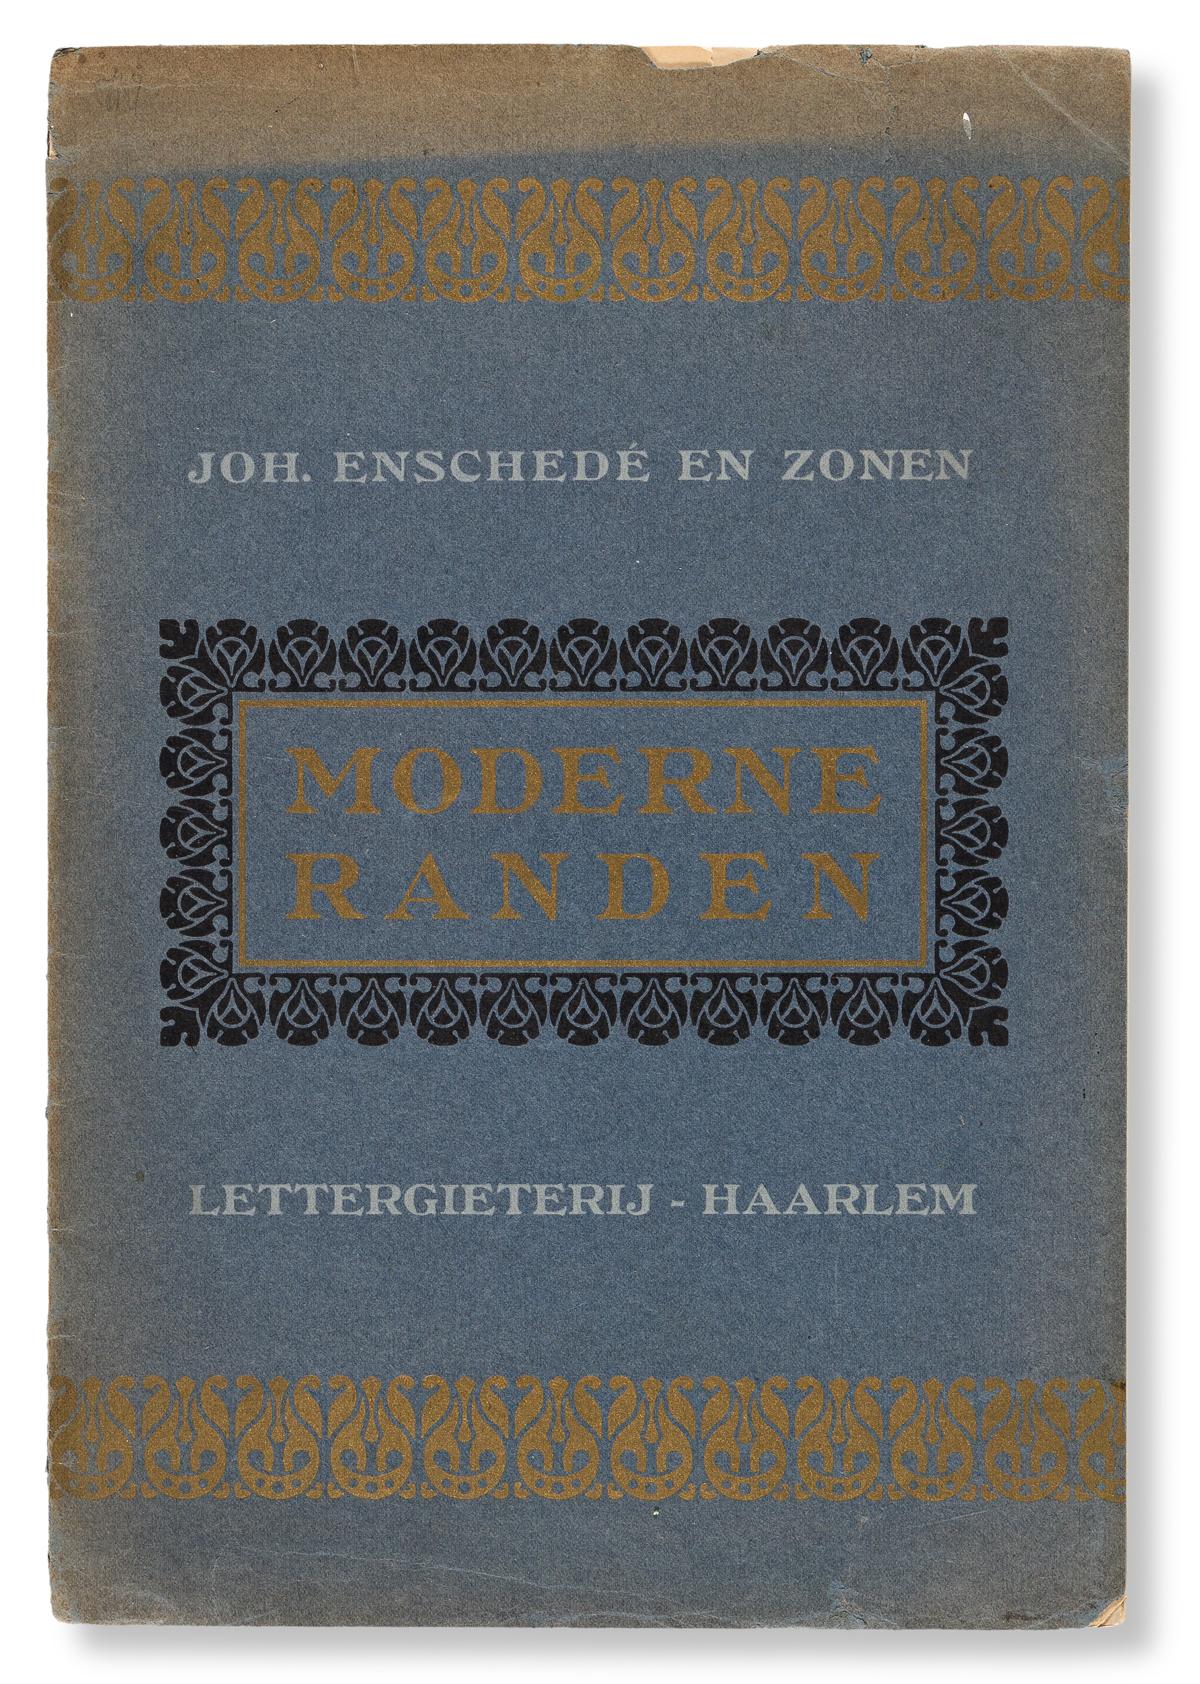 [SPECIMEN BOOK — K. VAN LEEUWEN]. Moderne Randen / Krachtige Silhouette-Ornamenten. Joh. Enschedé en Zonen, Haarlem. 1909.